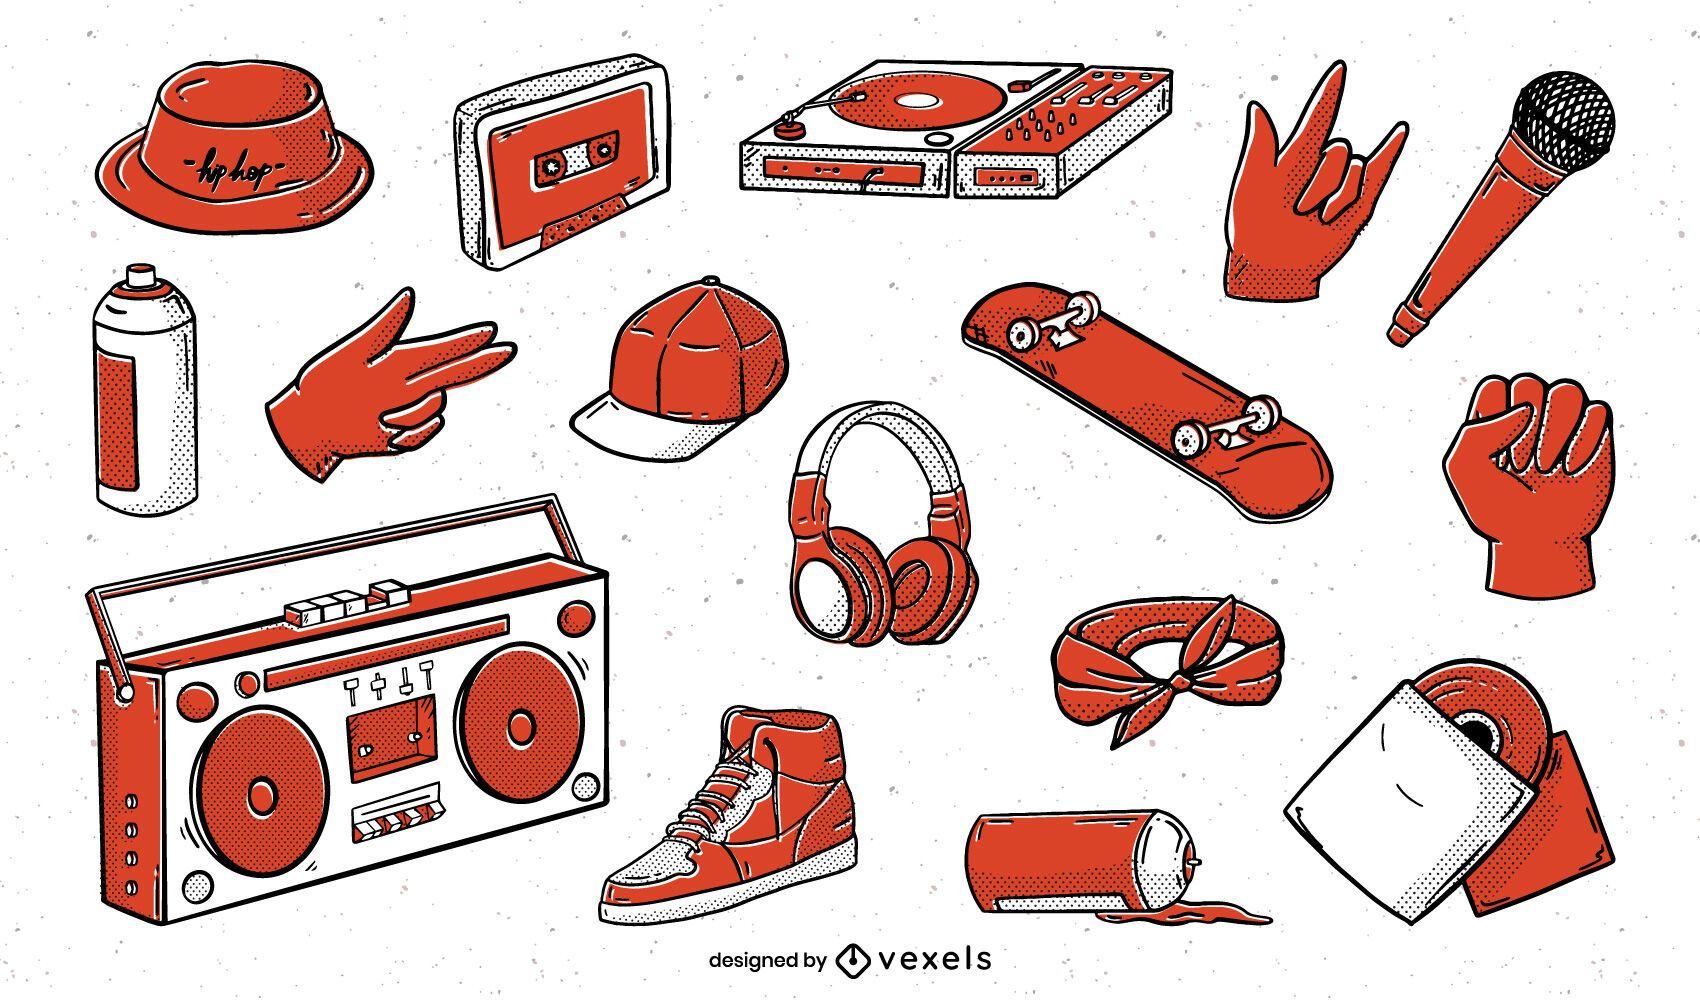 Pacote de elementos ilustrados de hip hop